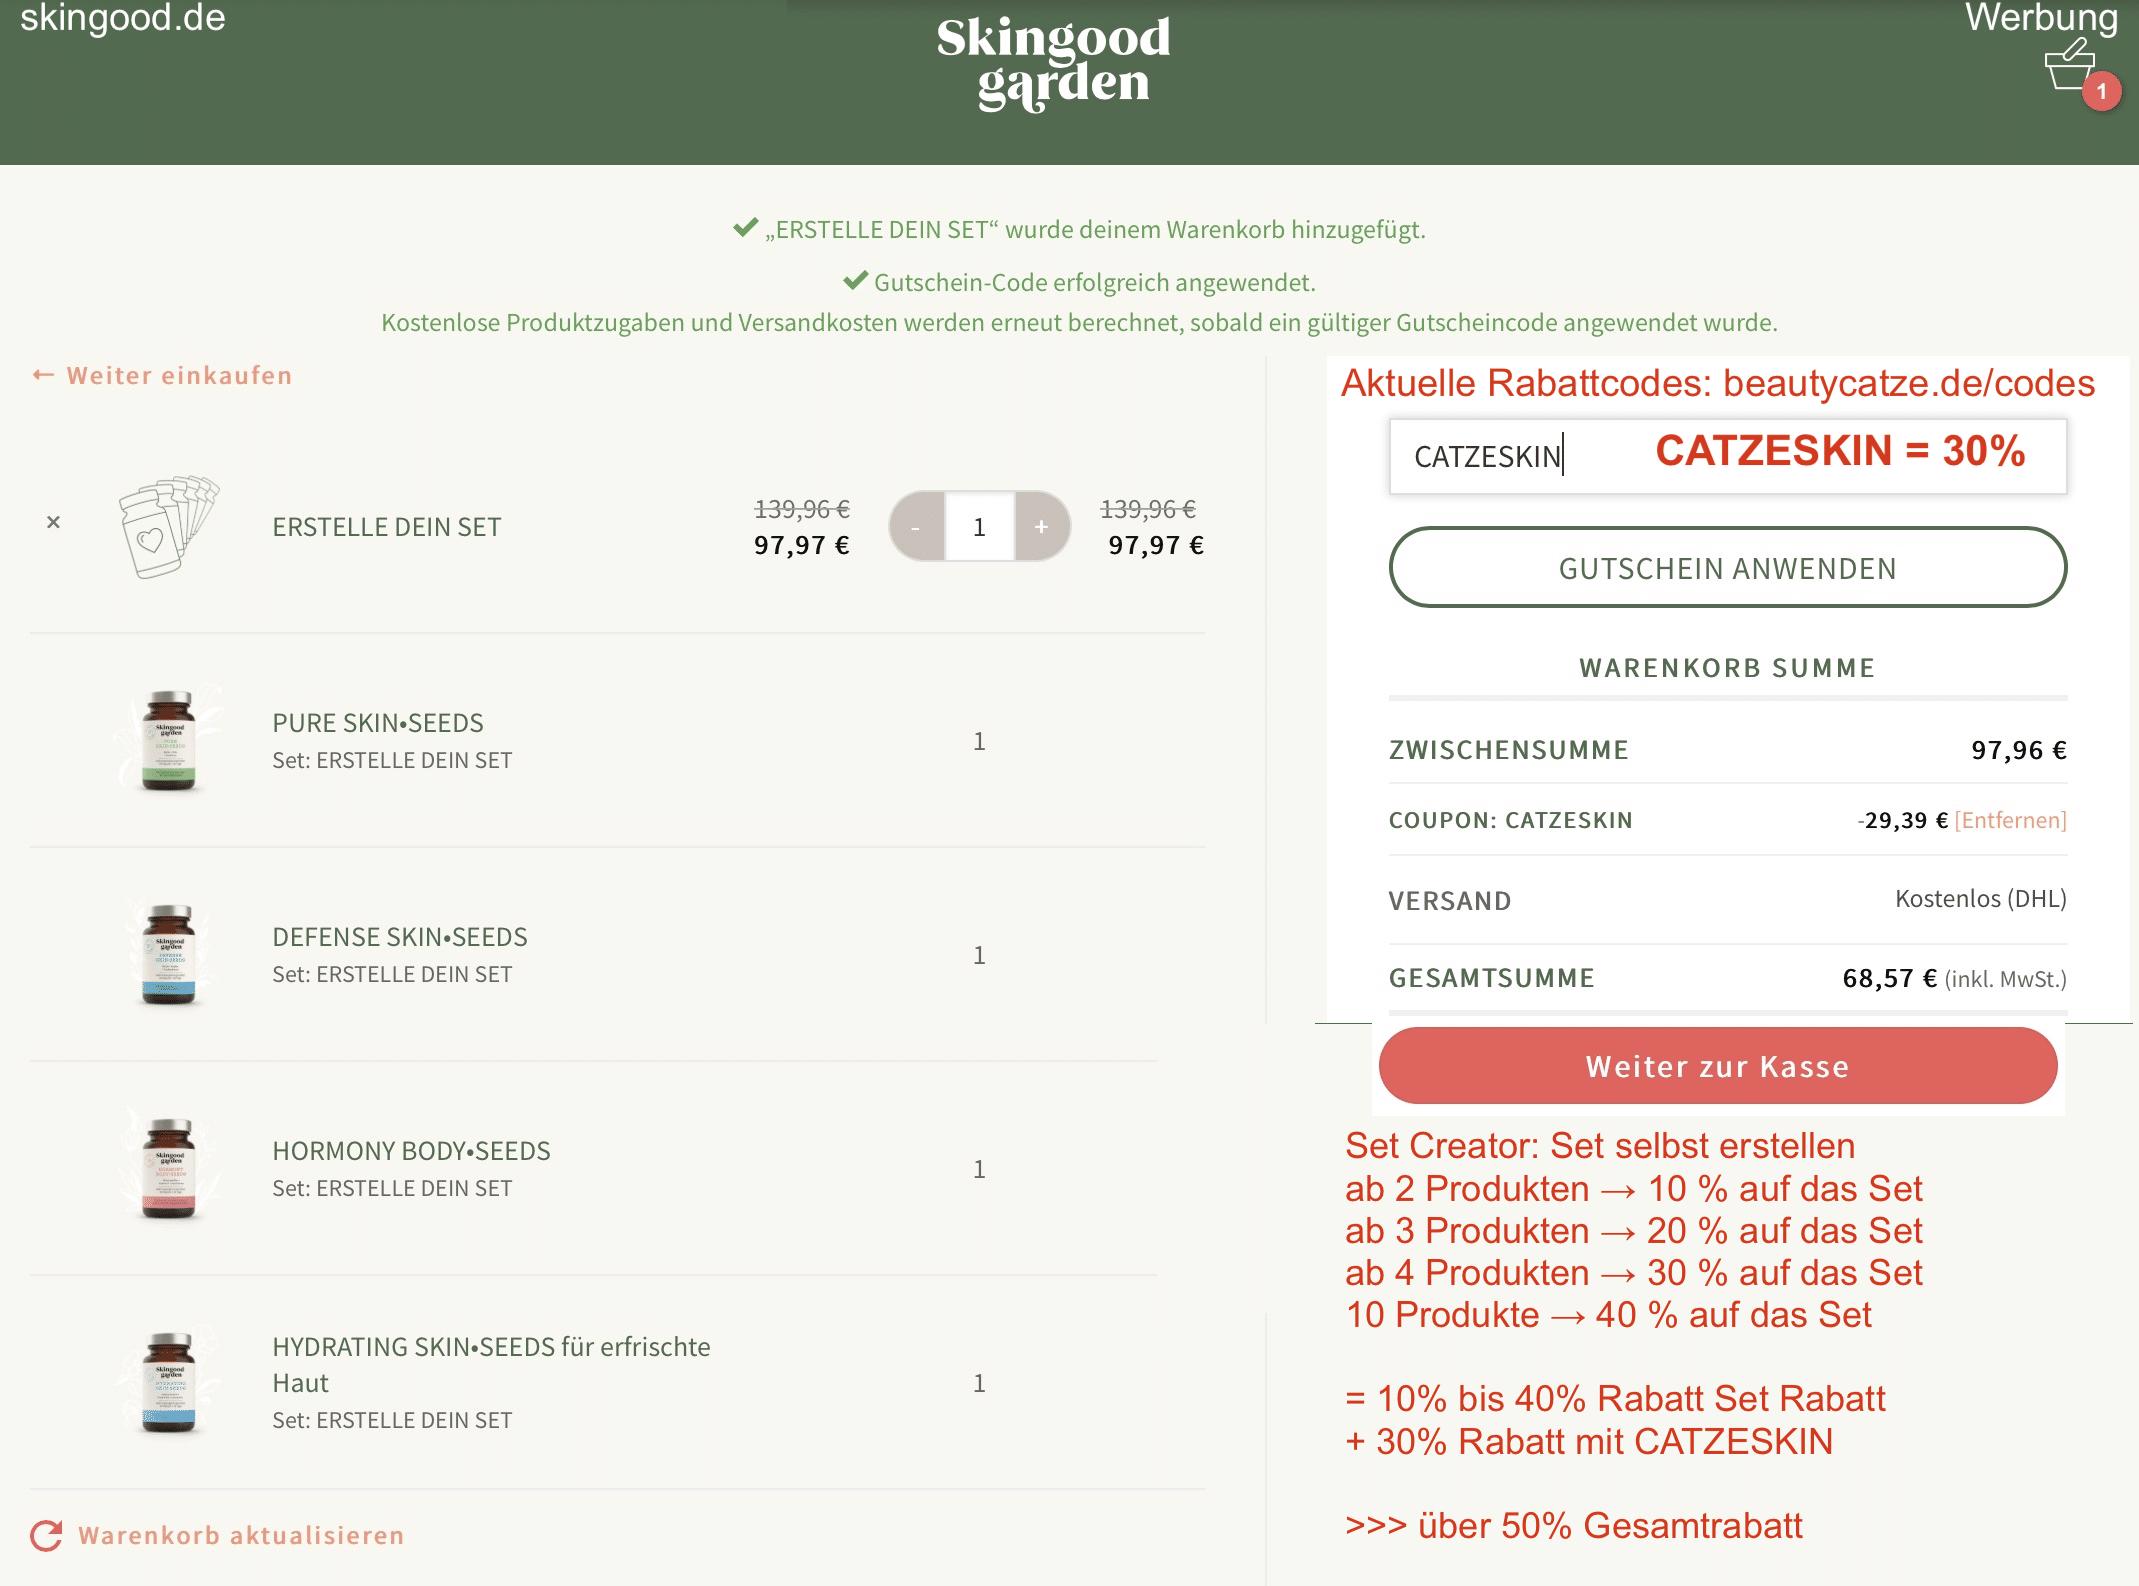 SKINGOOD GARDEN RABATT GUTSCHEIN CODE 50%